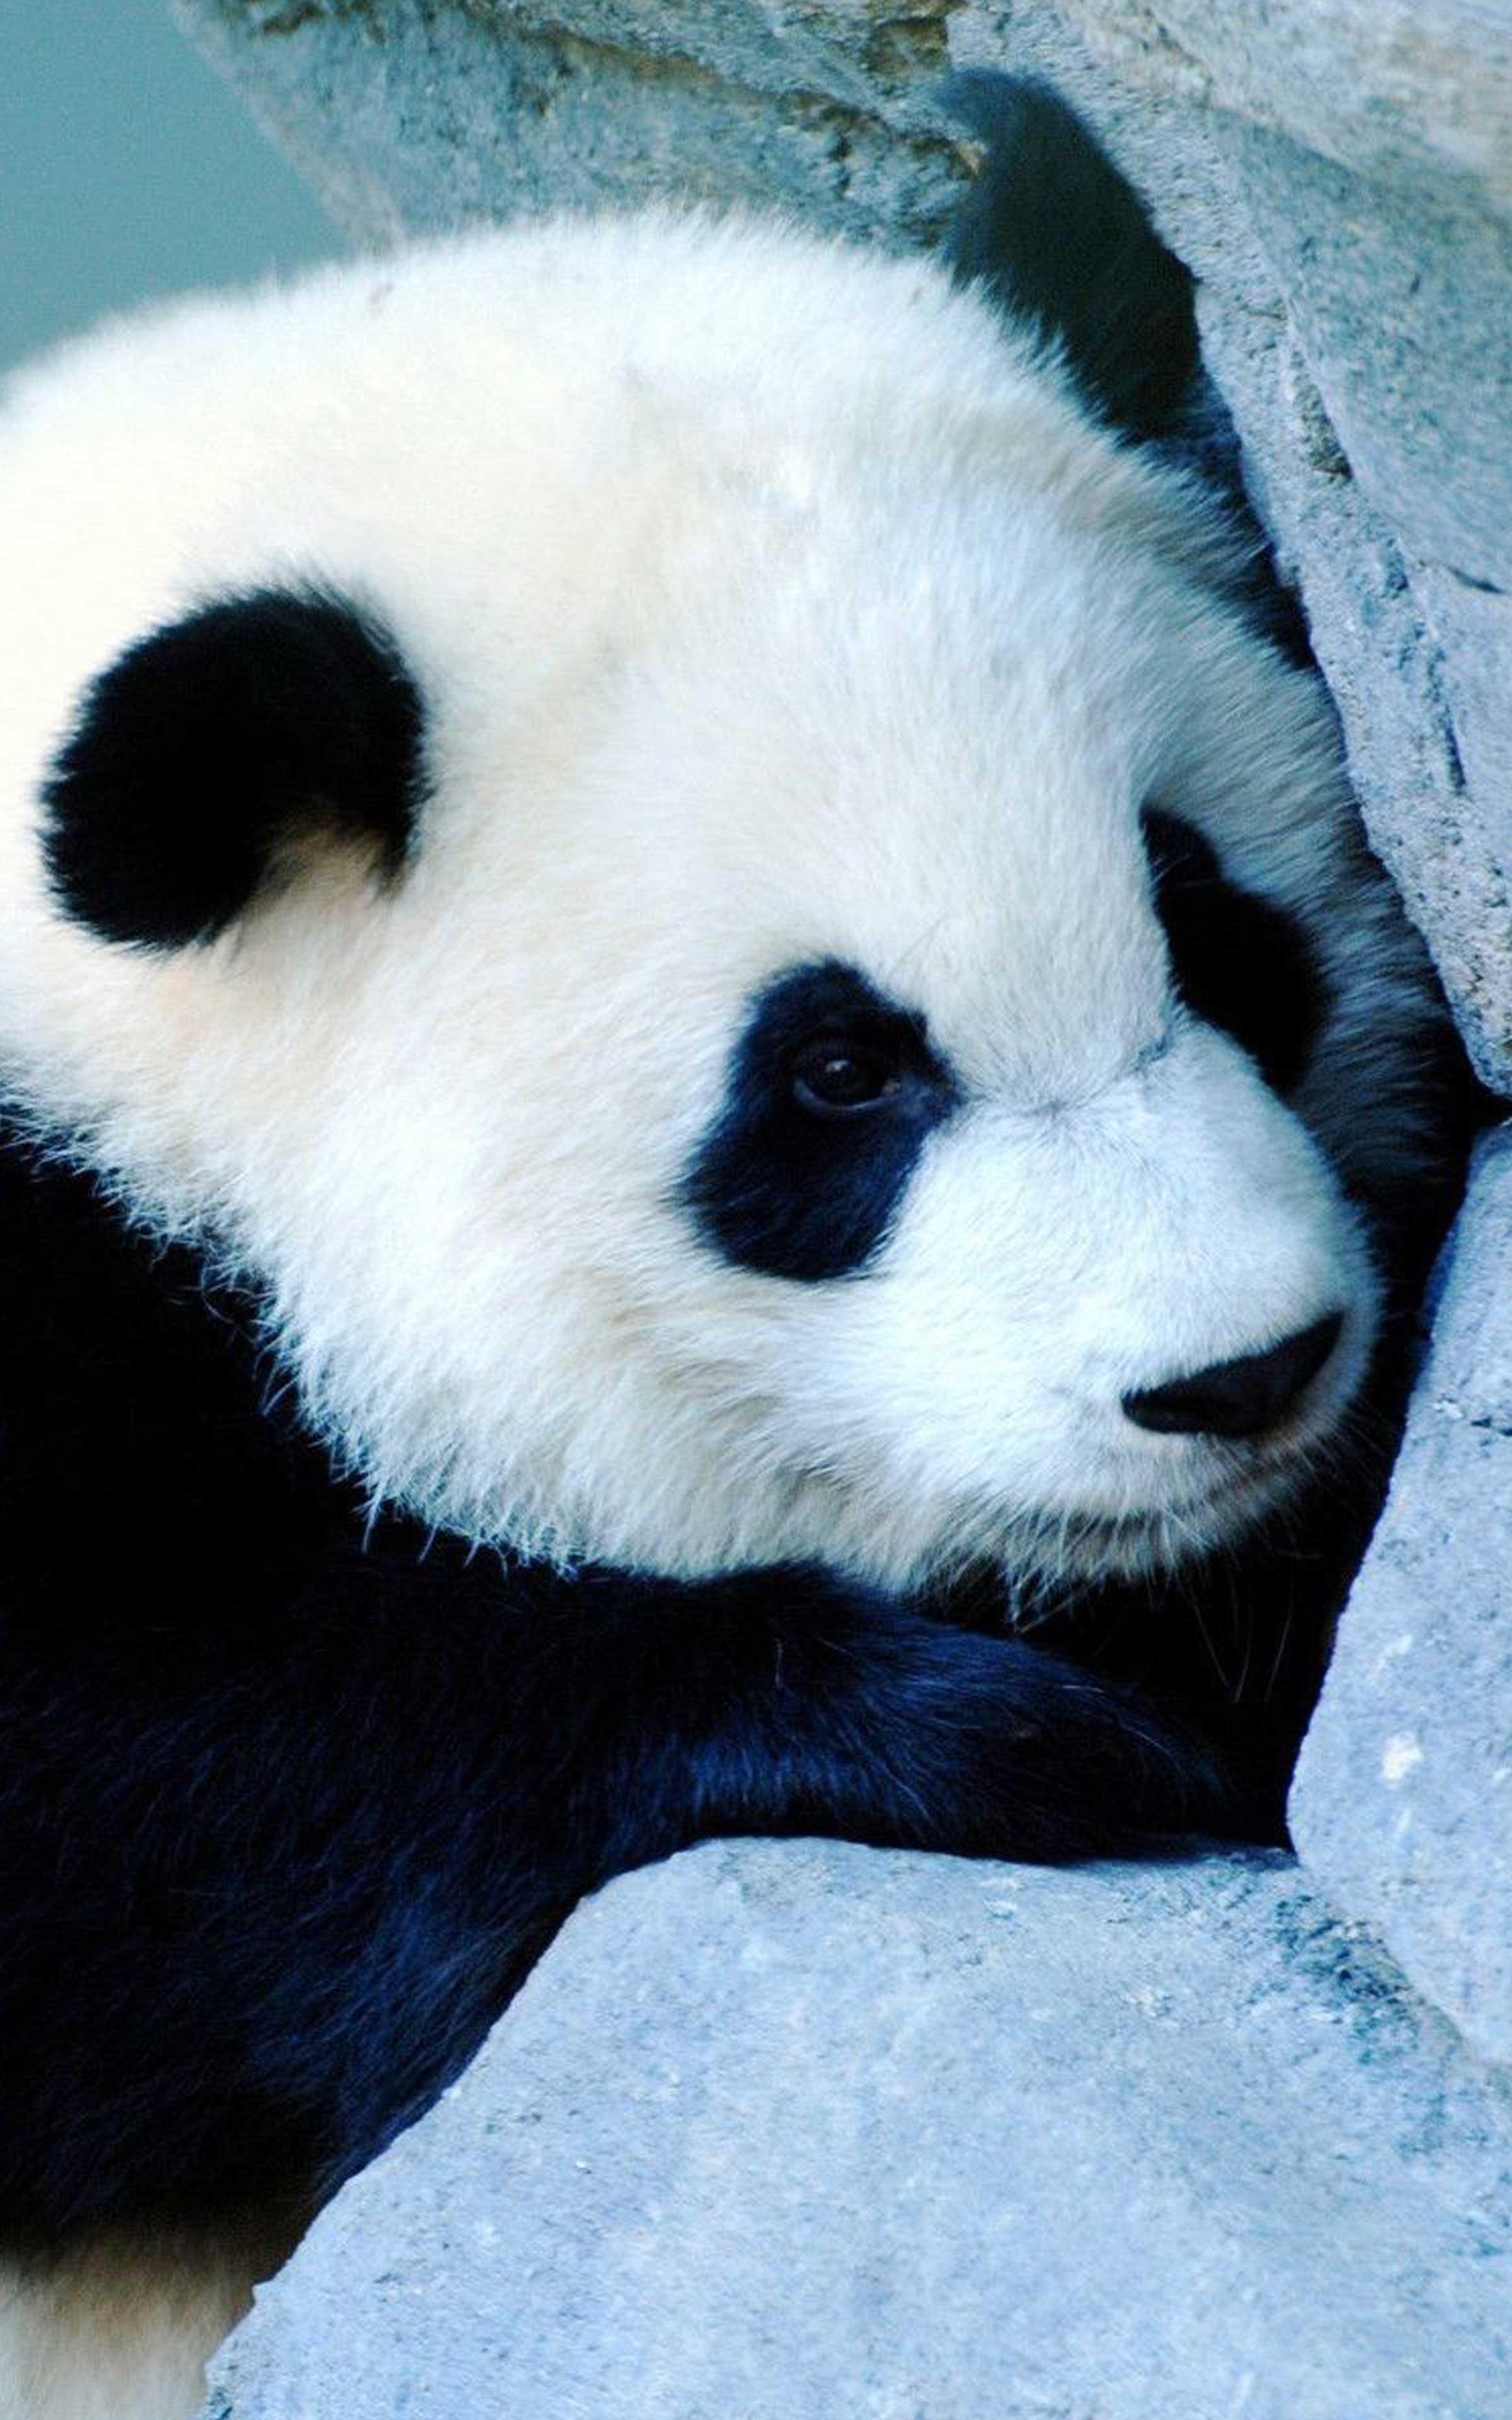 Cool Panda Wallpapers - Wallpaper Cave